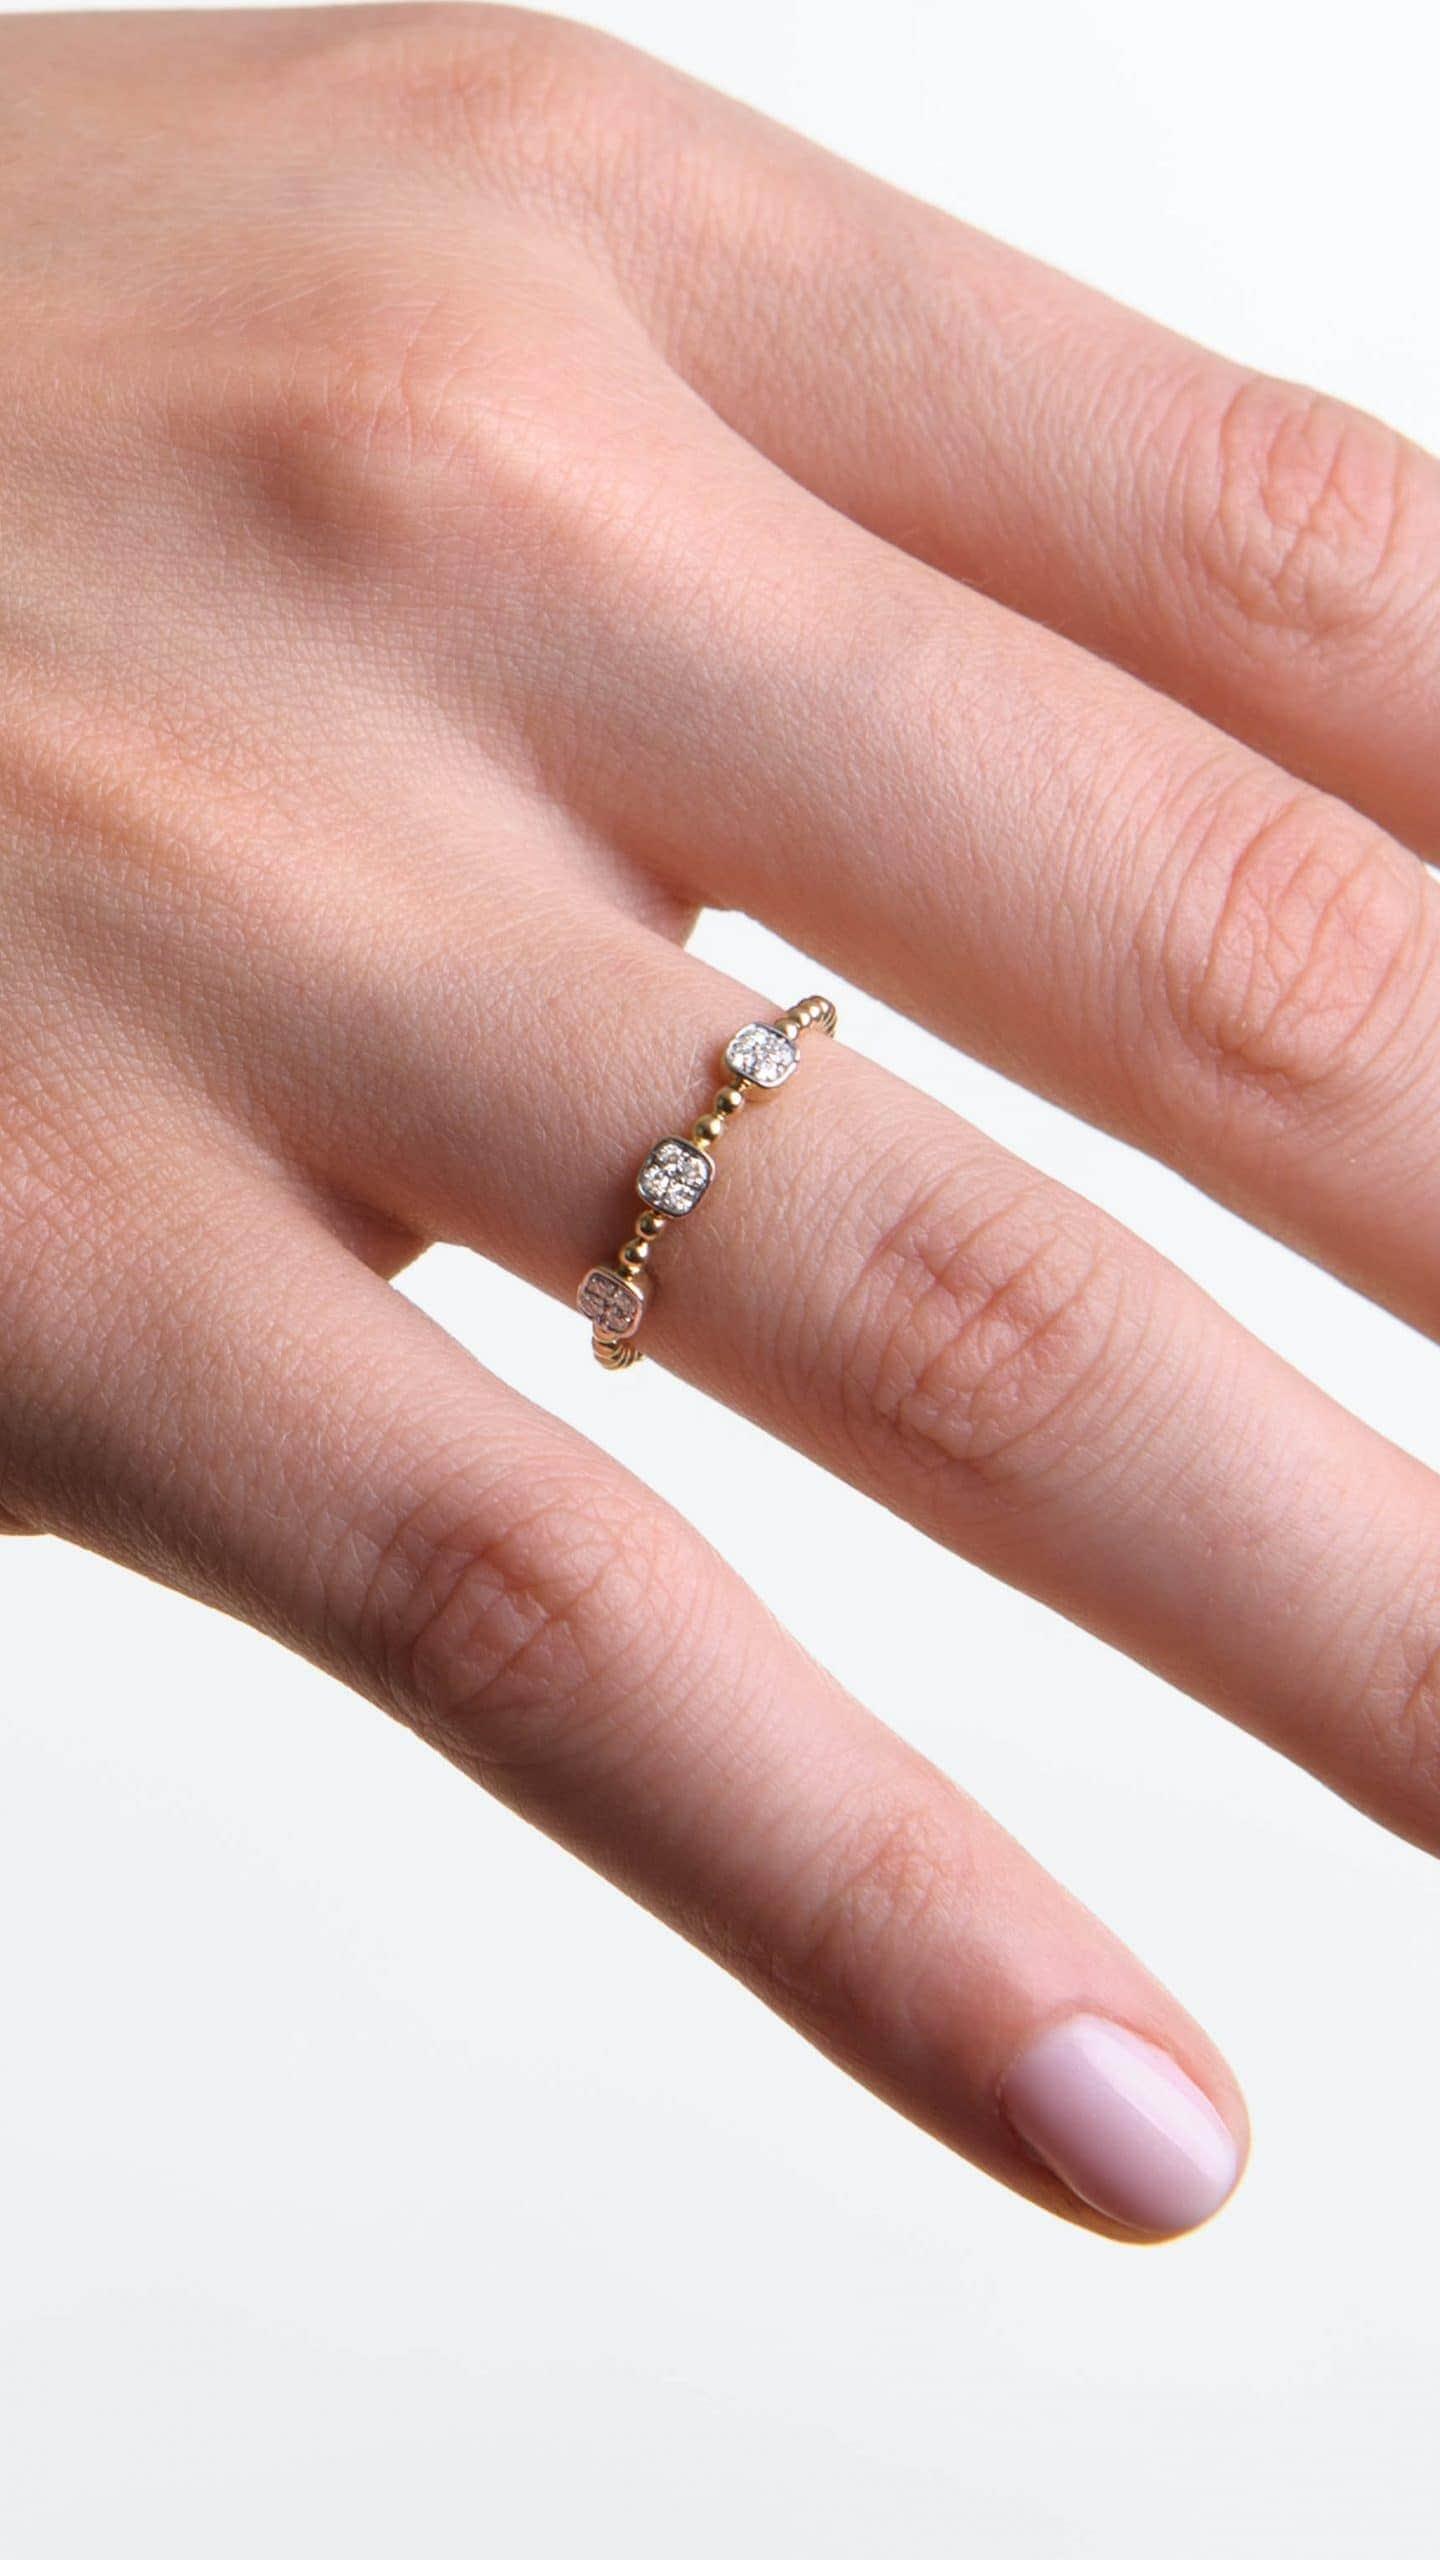 Modelka prezentuje na dłoni złoty pierścionek z diamentami